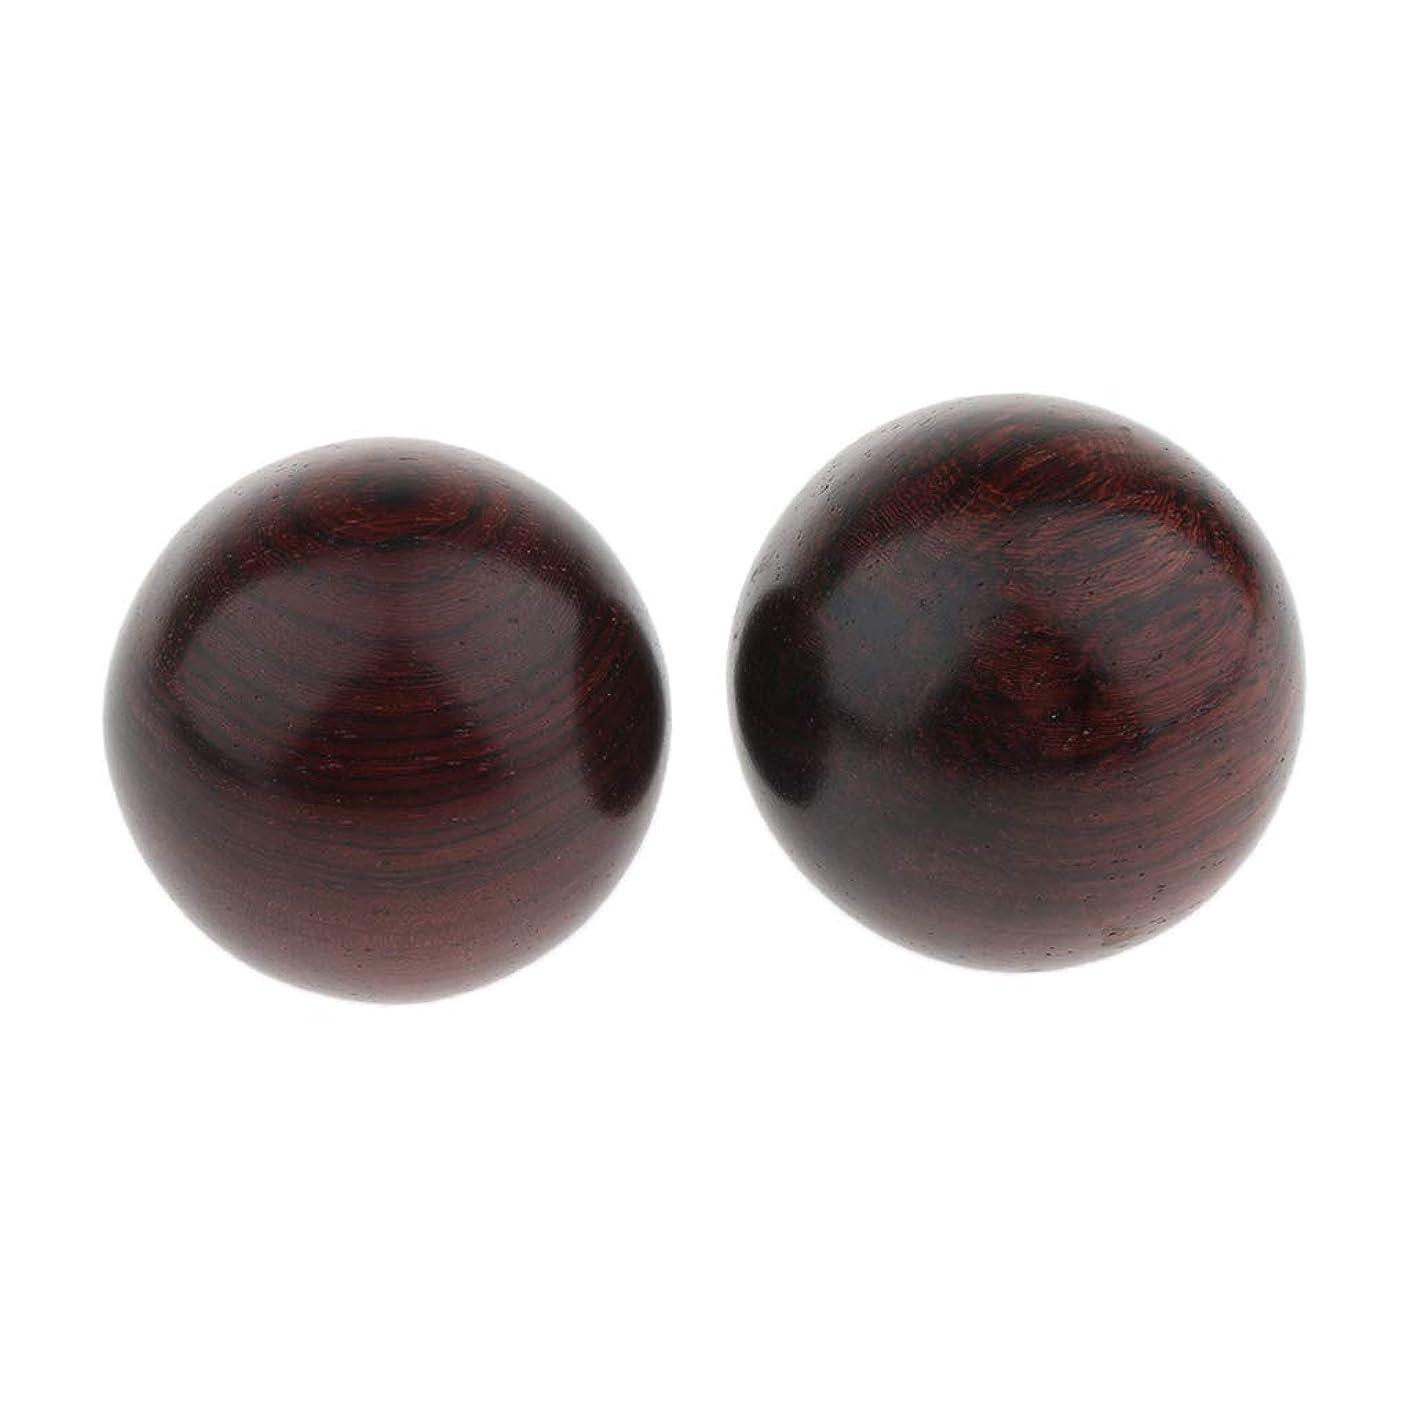 二十忌み嫌う上げるBaoblaze 2個 木製ボール マッサージボール ツボ押し 手の動き 3サイズ選べ - 4.5cm, 説明のとおり